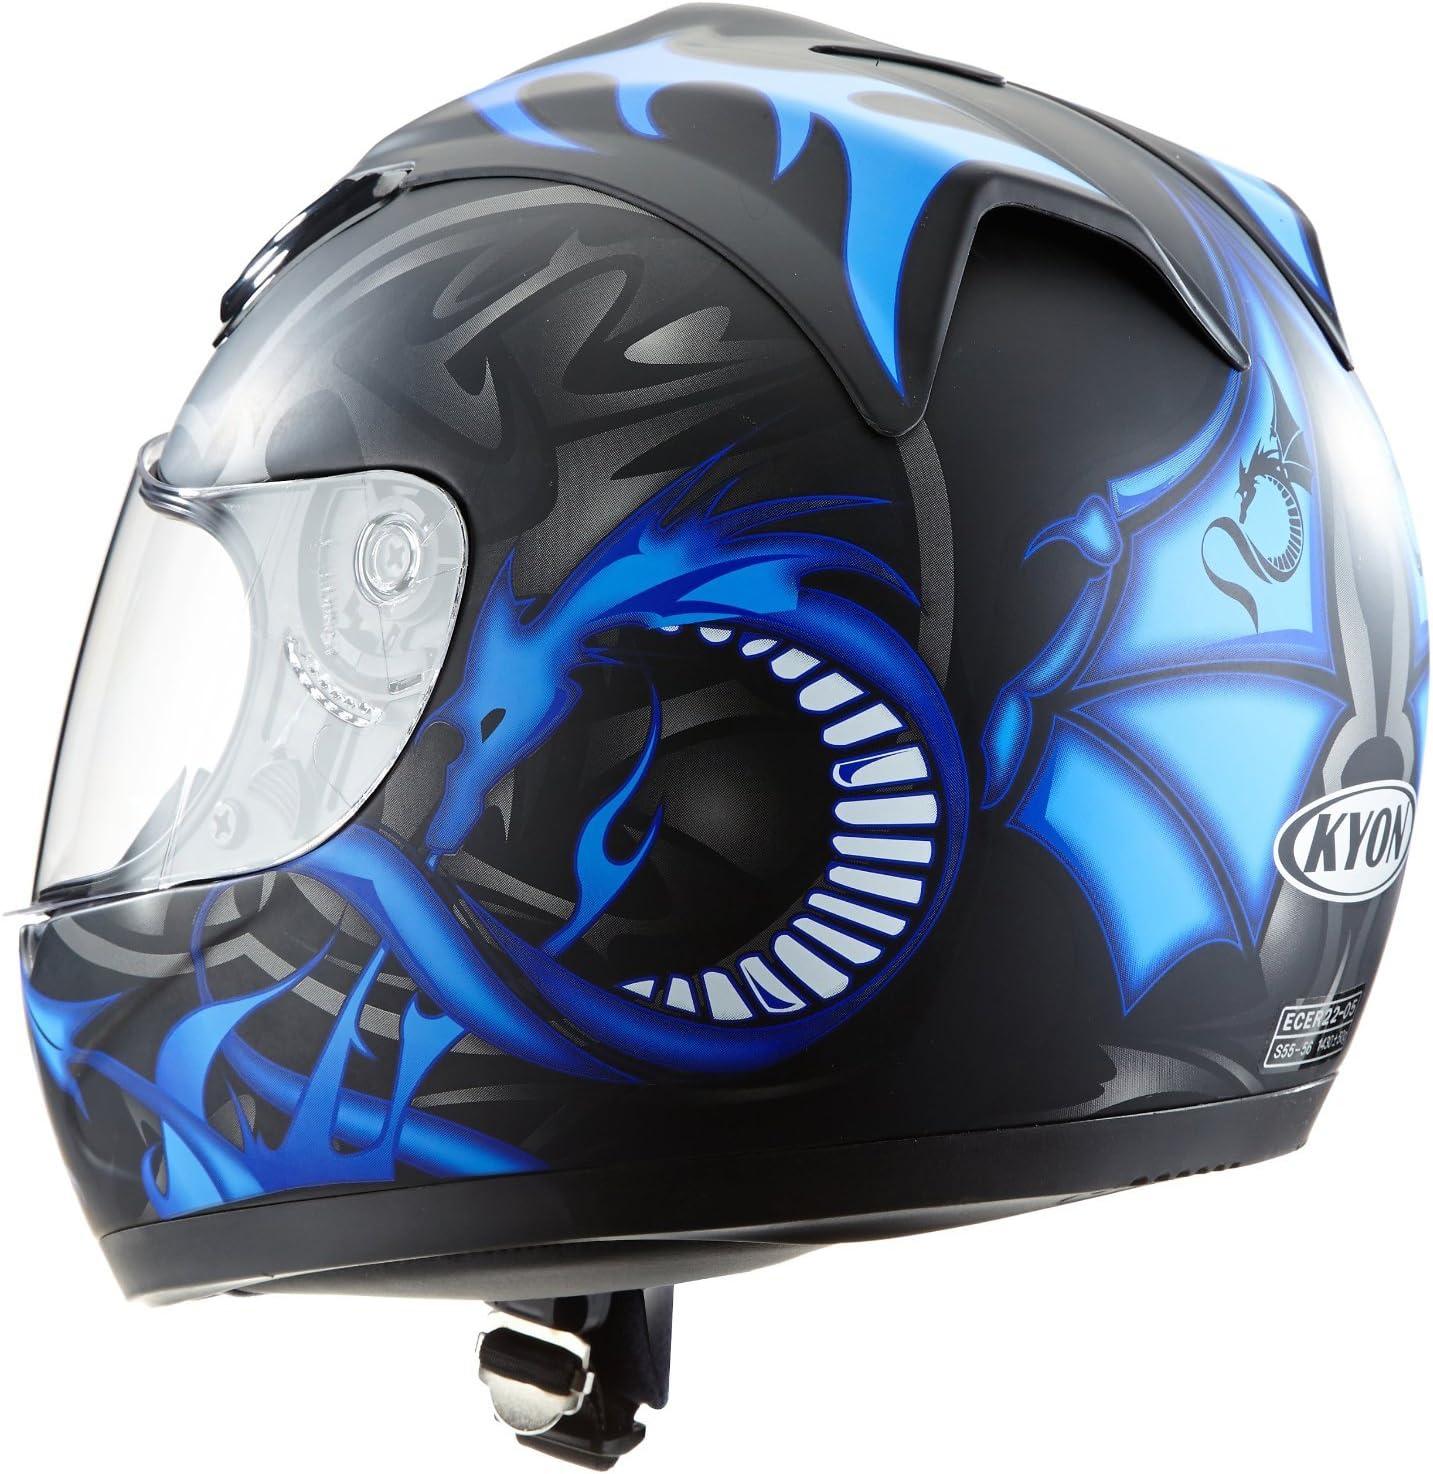 Protectwear Motorradhelm Integralhelm Drachendesign Schwarz Silber Blau Xs Auto